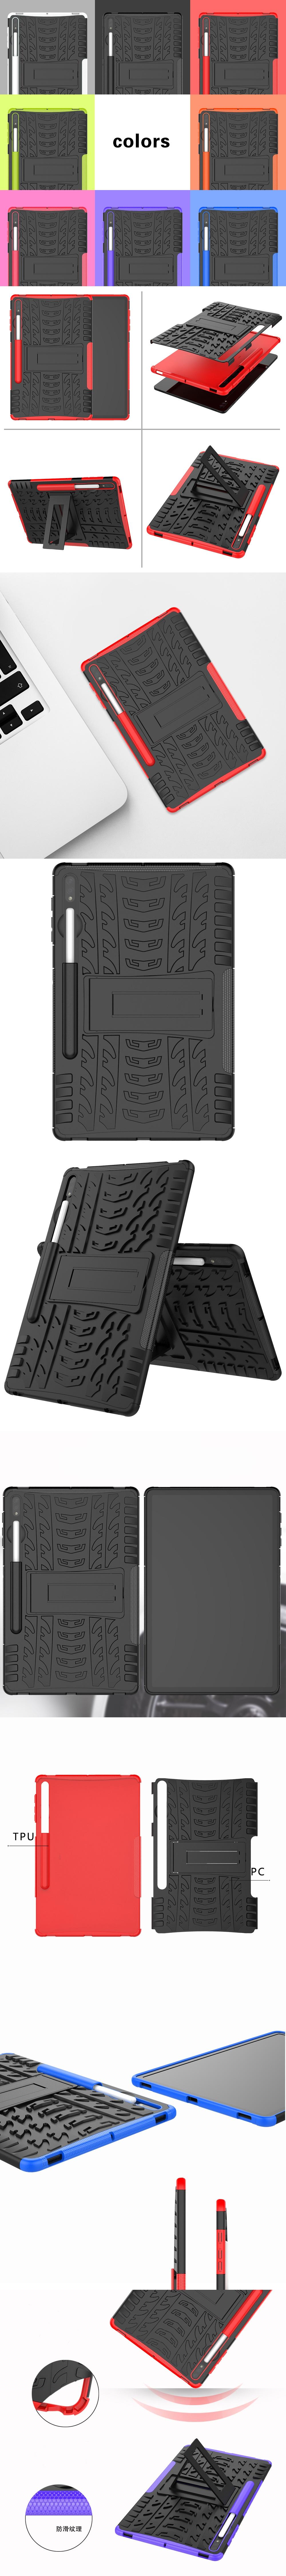 399-Samsung-雙層抗震防摔平板保護殼鎧甲盾支架背蓋平板套(Tab S7)